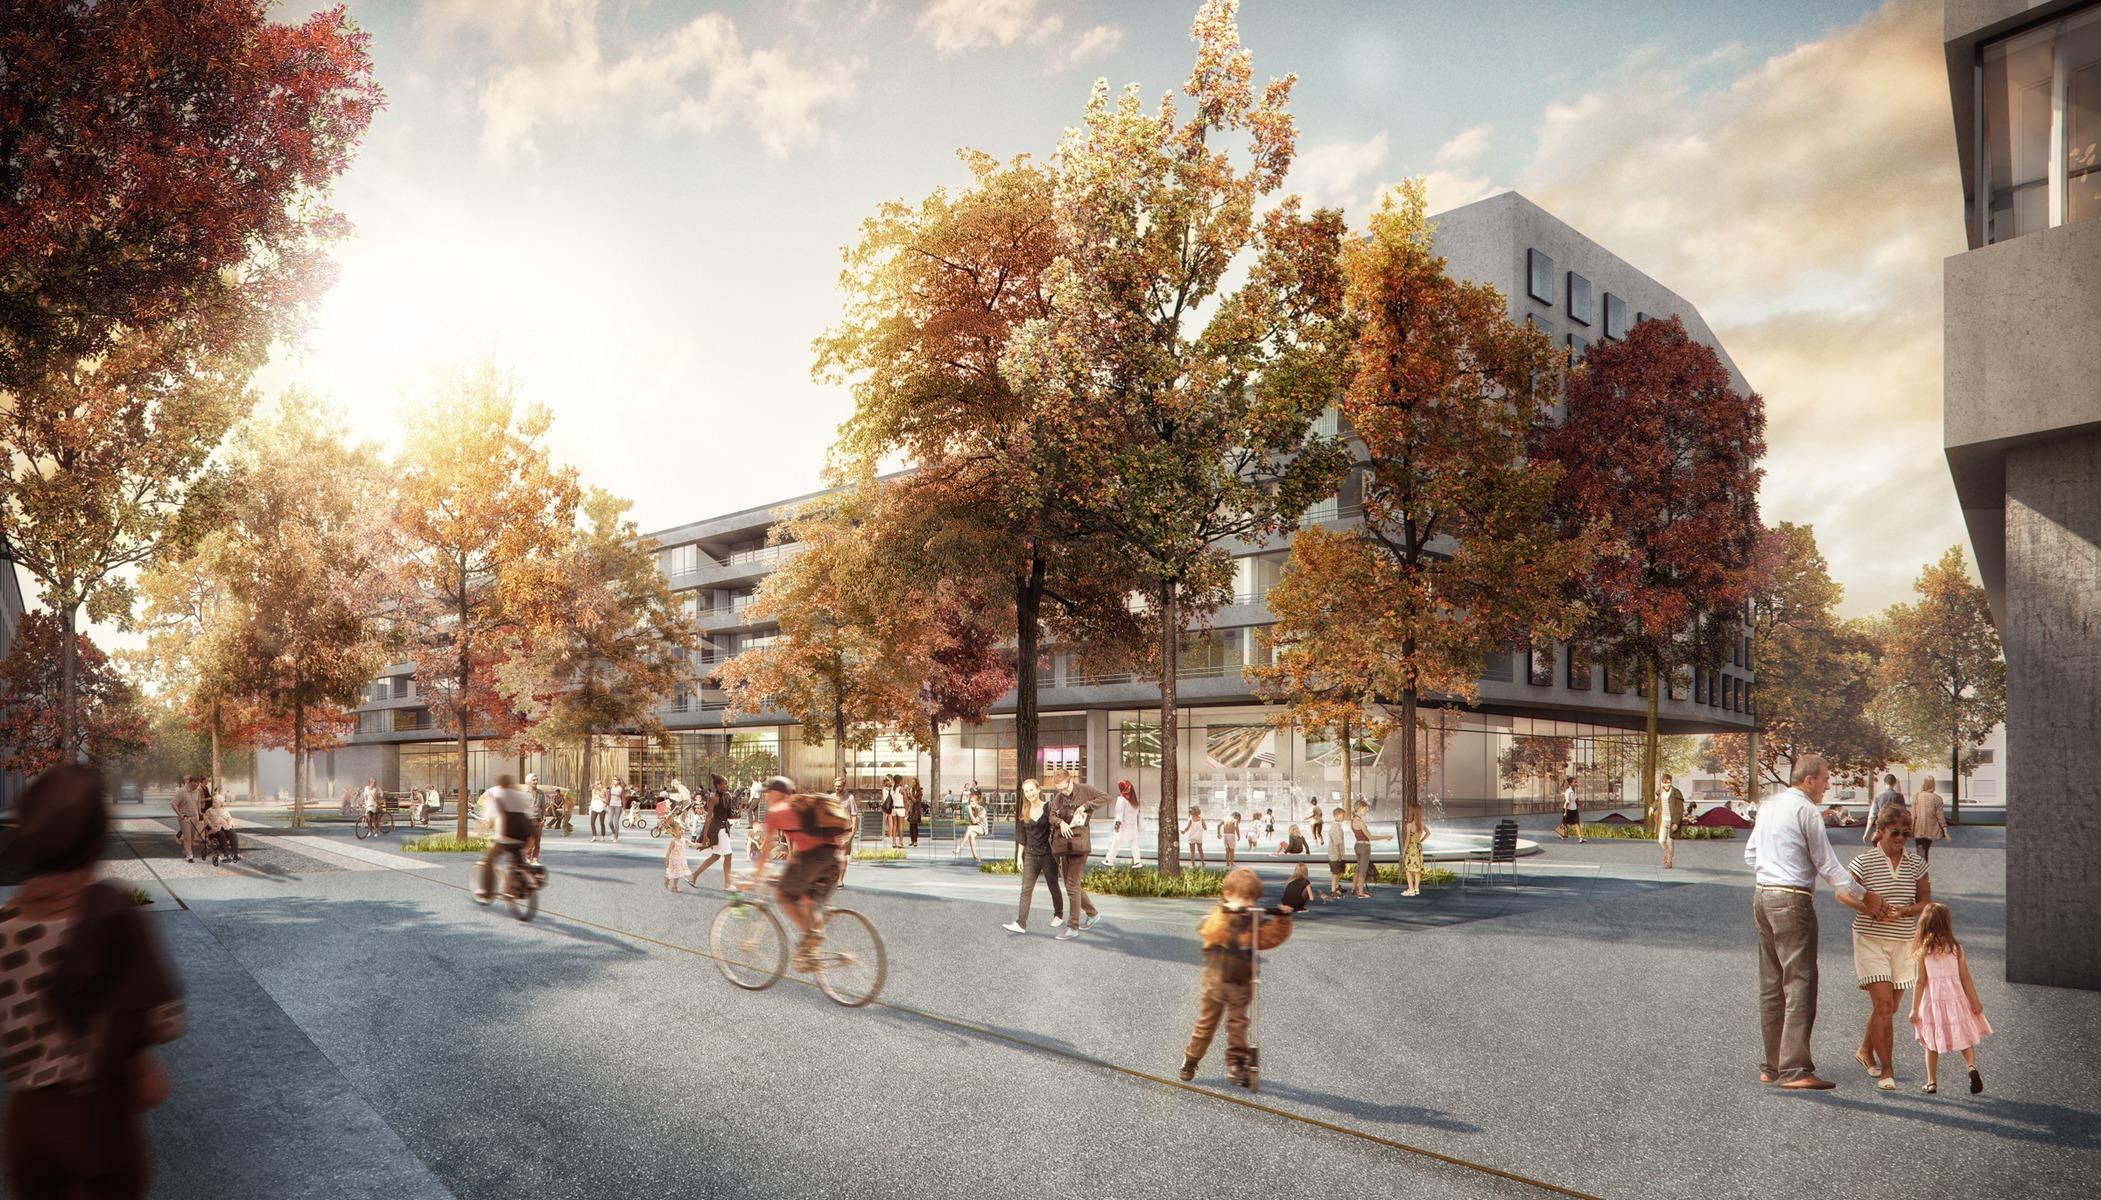 U bahnplatz riem m nchen unit price rendertaxi for Wohnzimmer riem